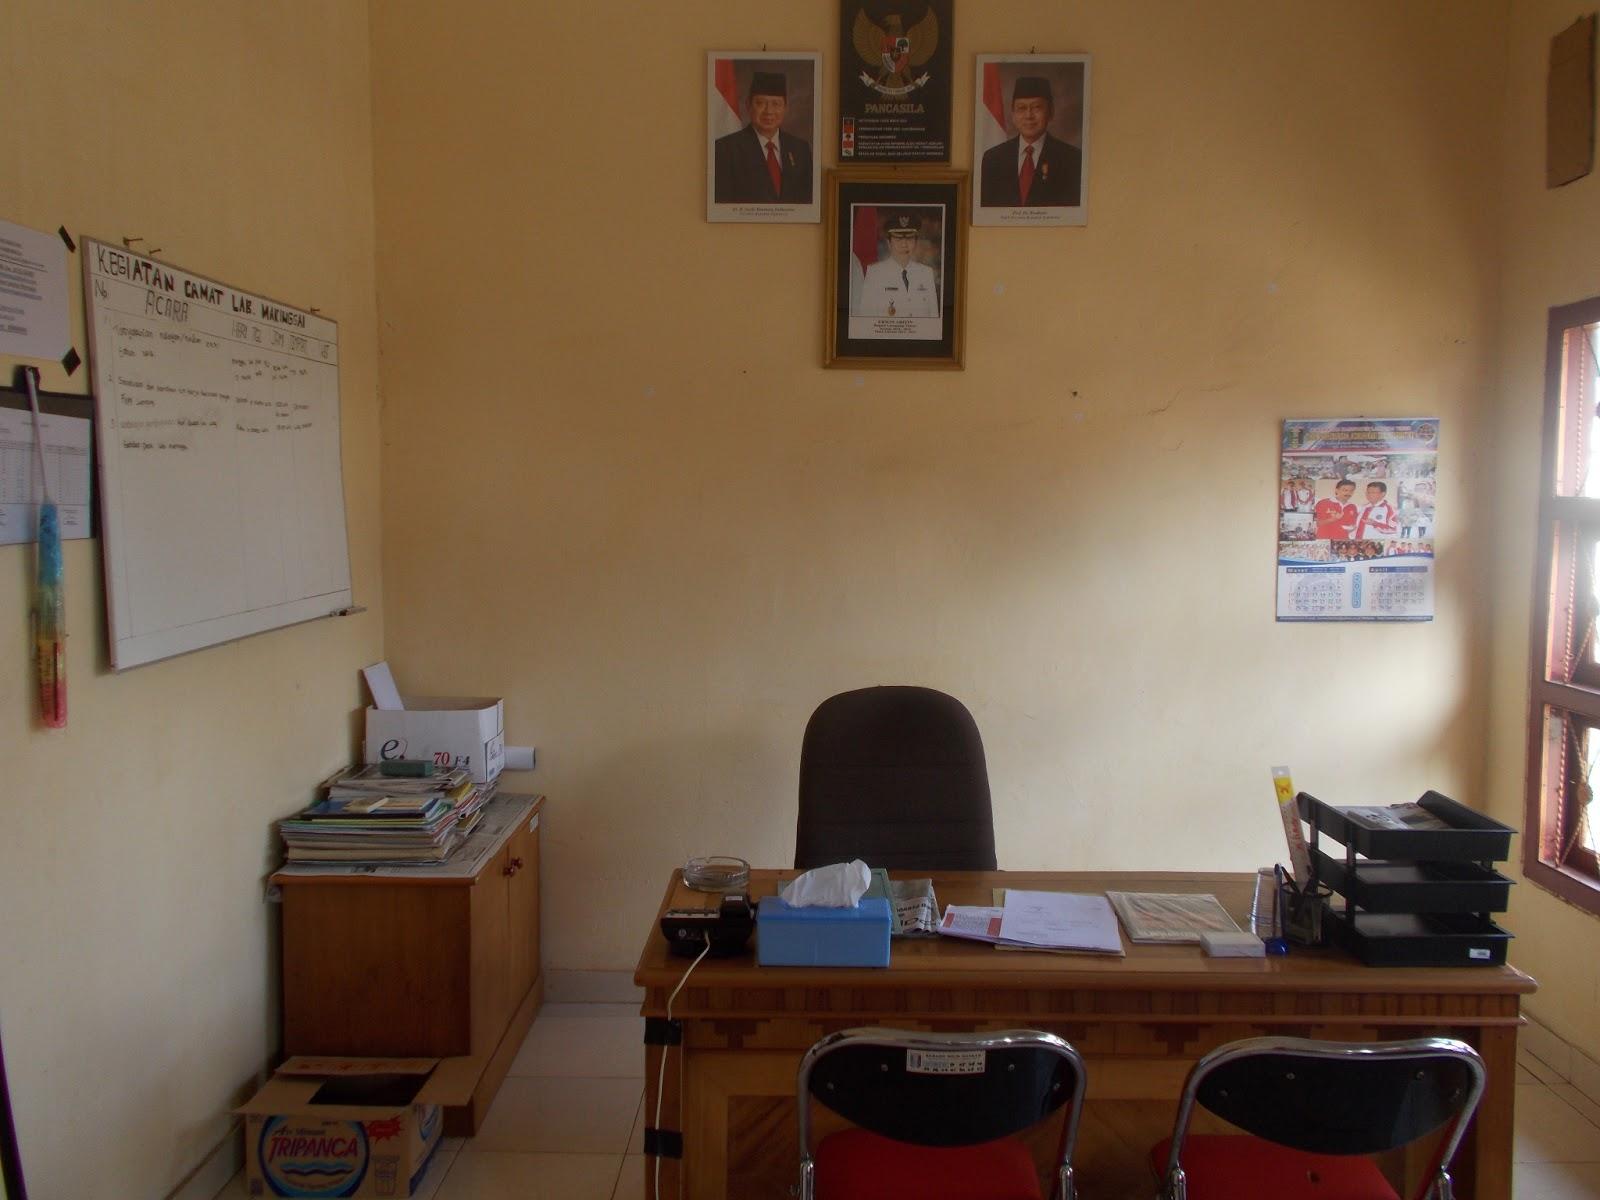 Analisis Pelayanan Prima Di Kantor Kecamatan Pengaruh Disiplin Kerja Terhadap Kinerja Pegawai Di Lbm Ruang Kantor Kecamatan Labuhan Maringgai